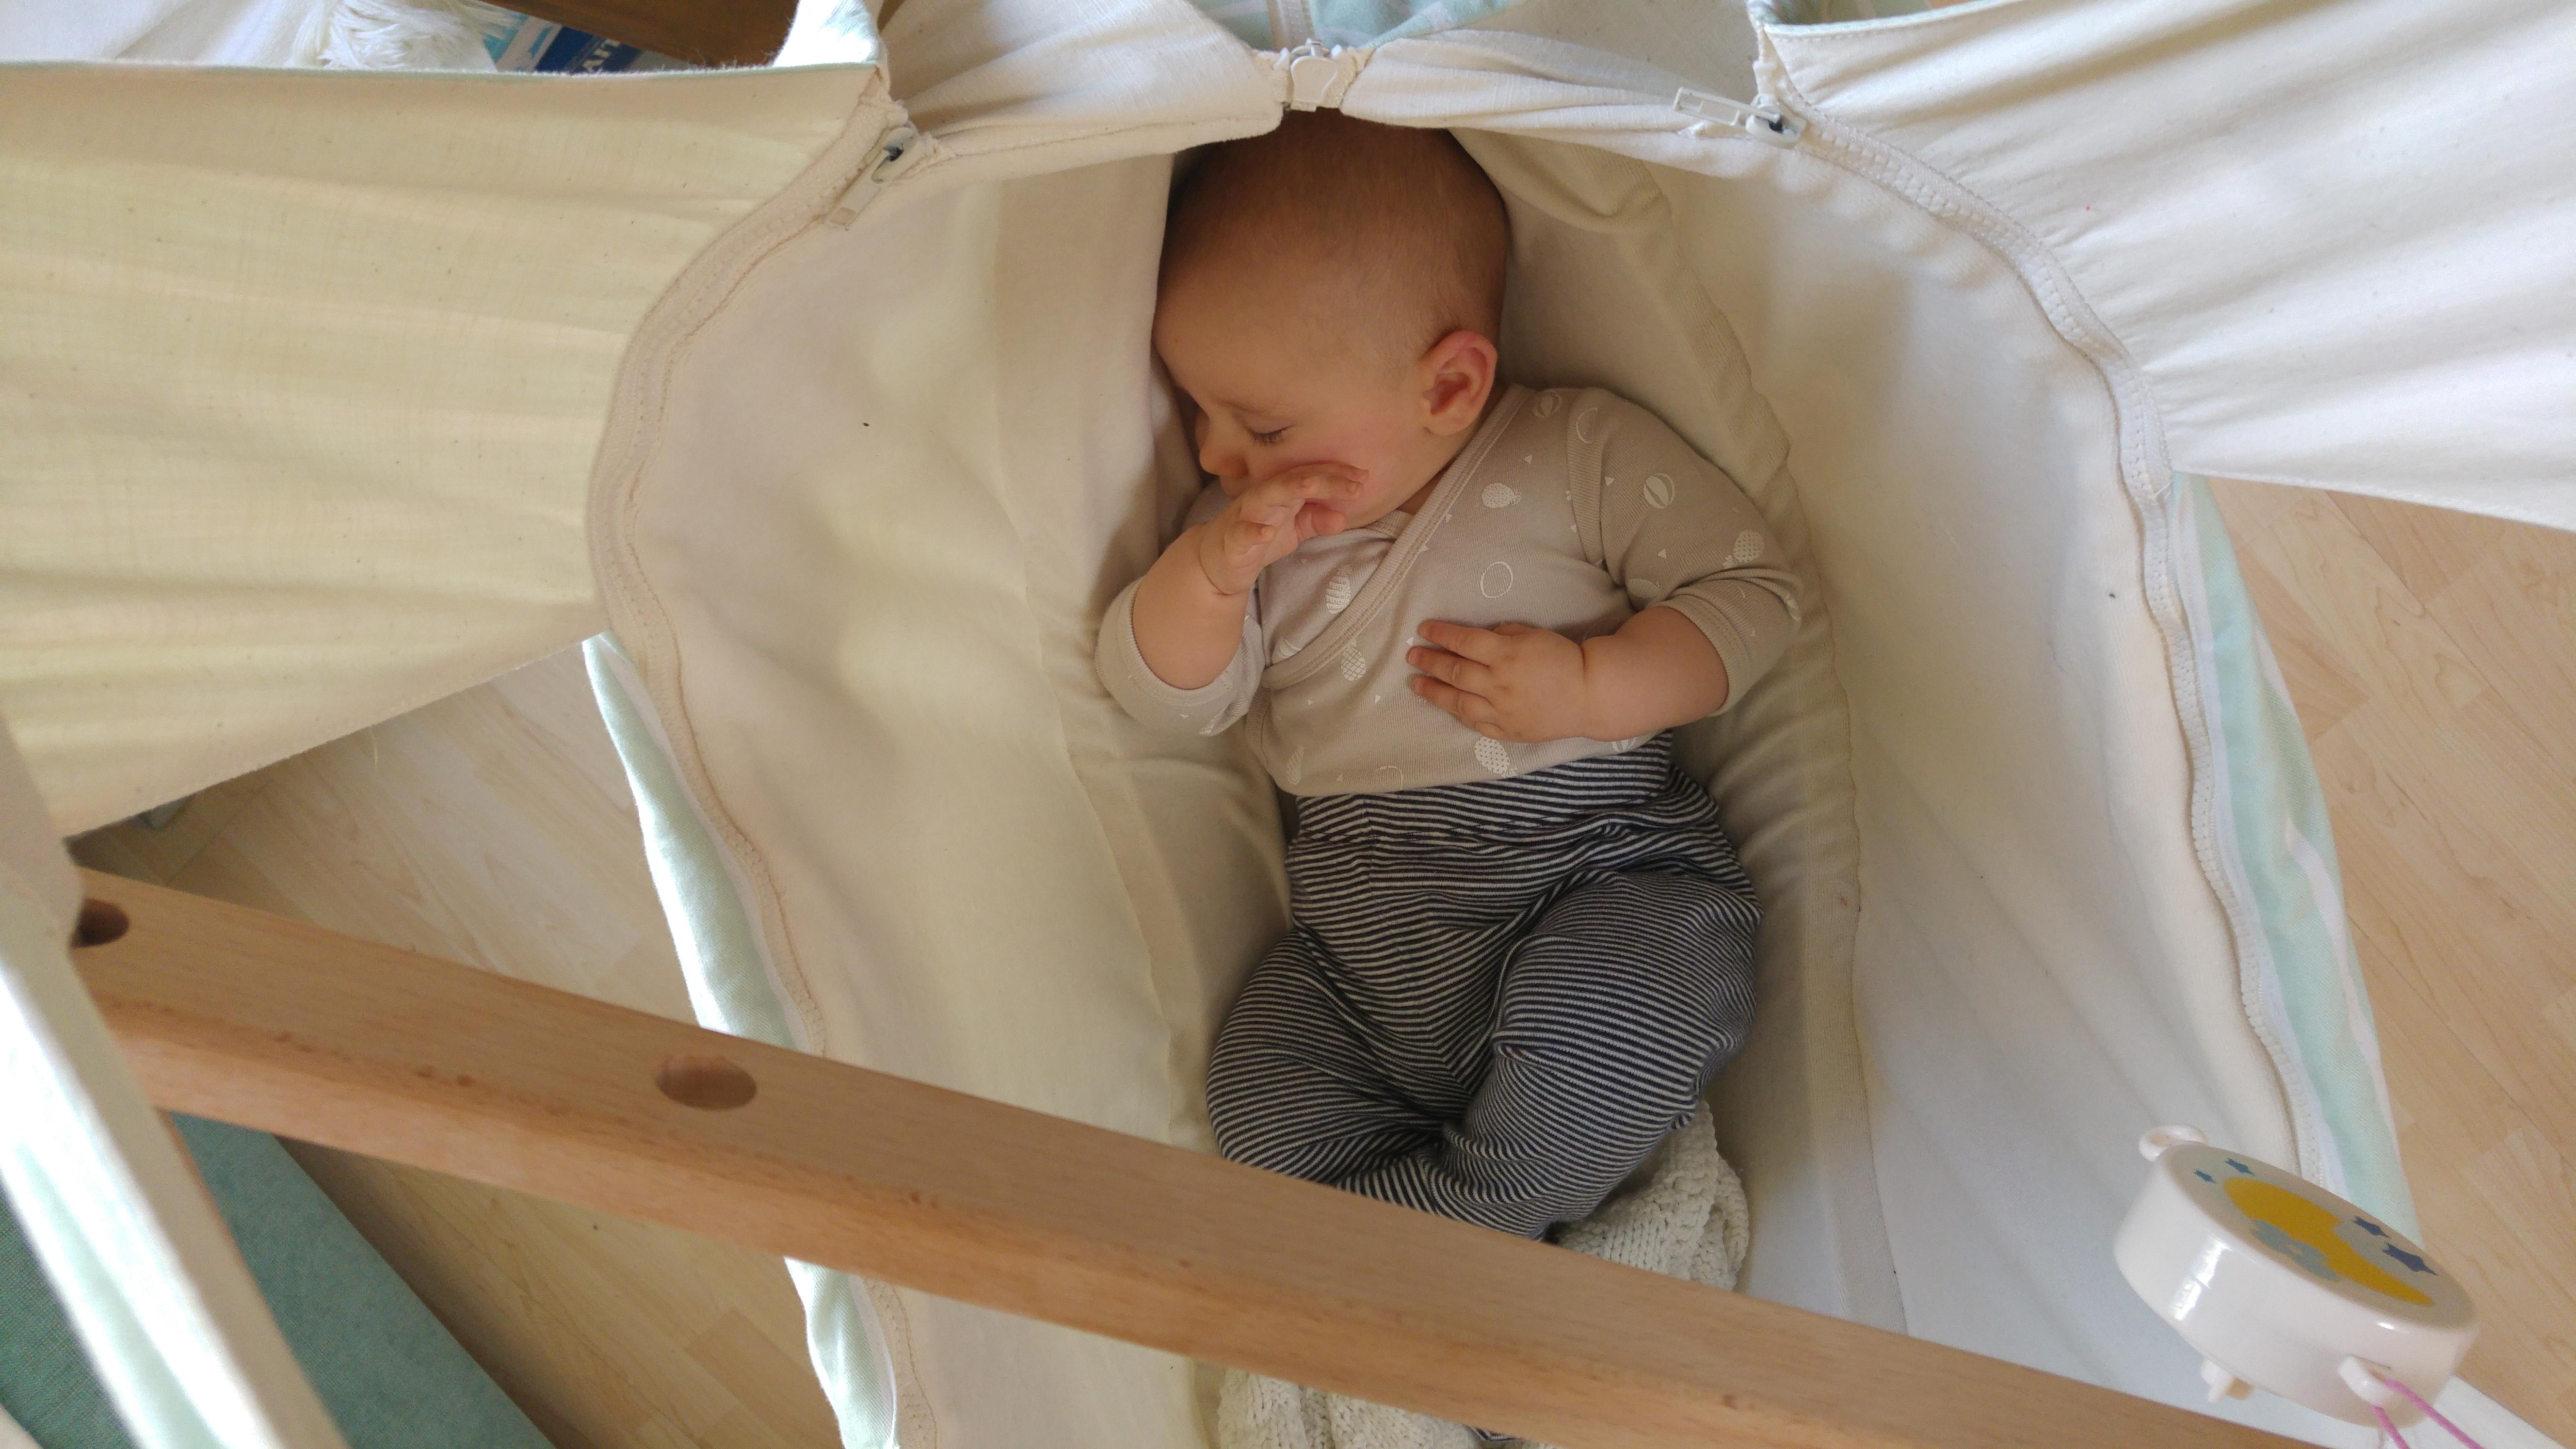 Babyhaengematte als Ort der Erholung und Entspannung